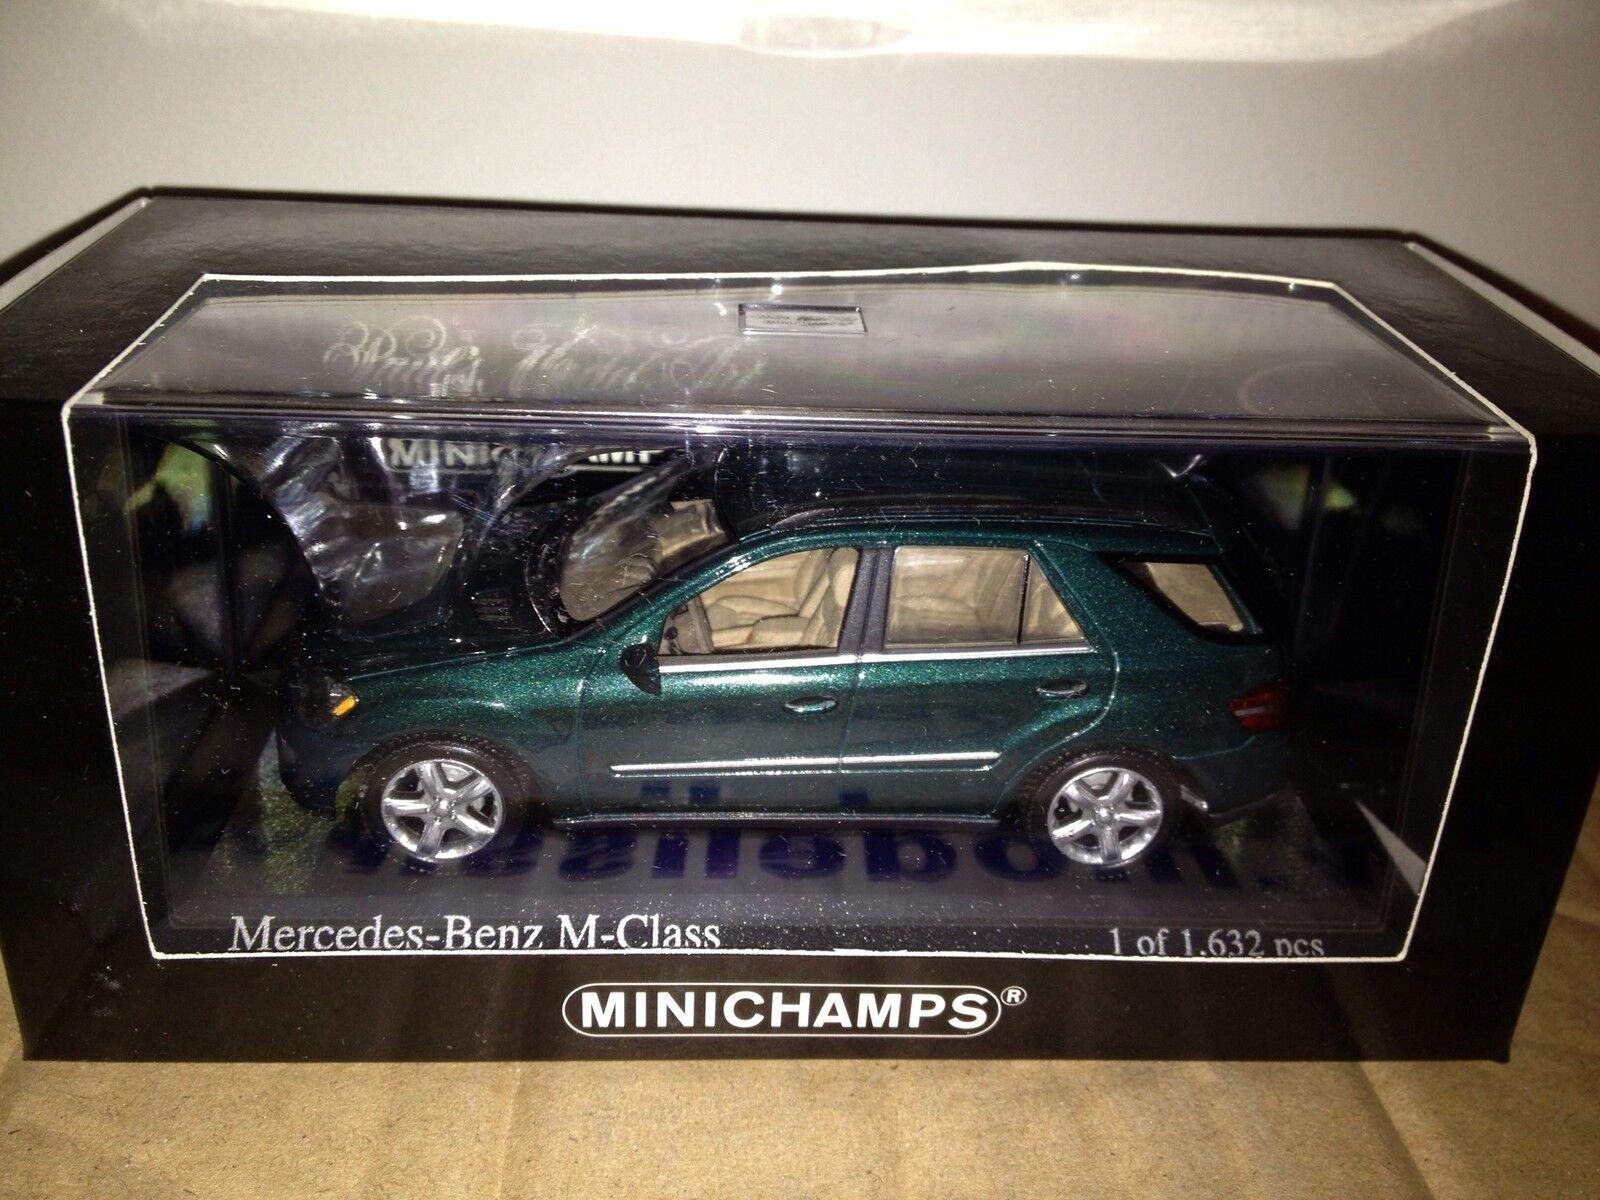 Mercedes ml 500 grünen minichamps 2005 1 43 (fast ausverkauft)